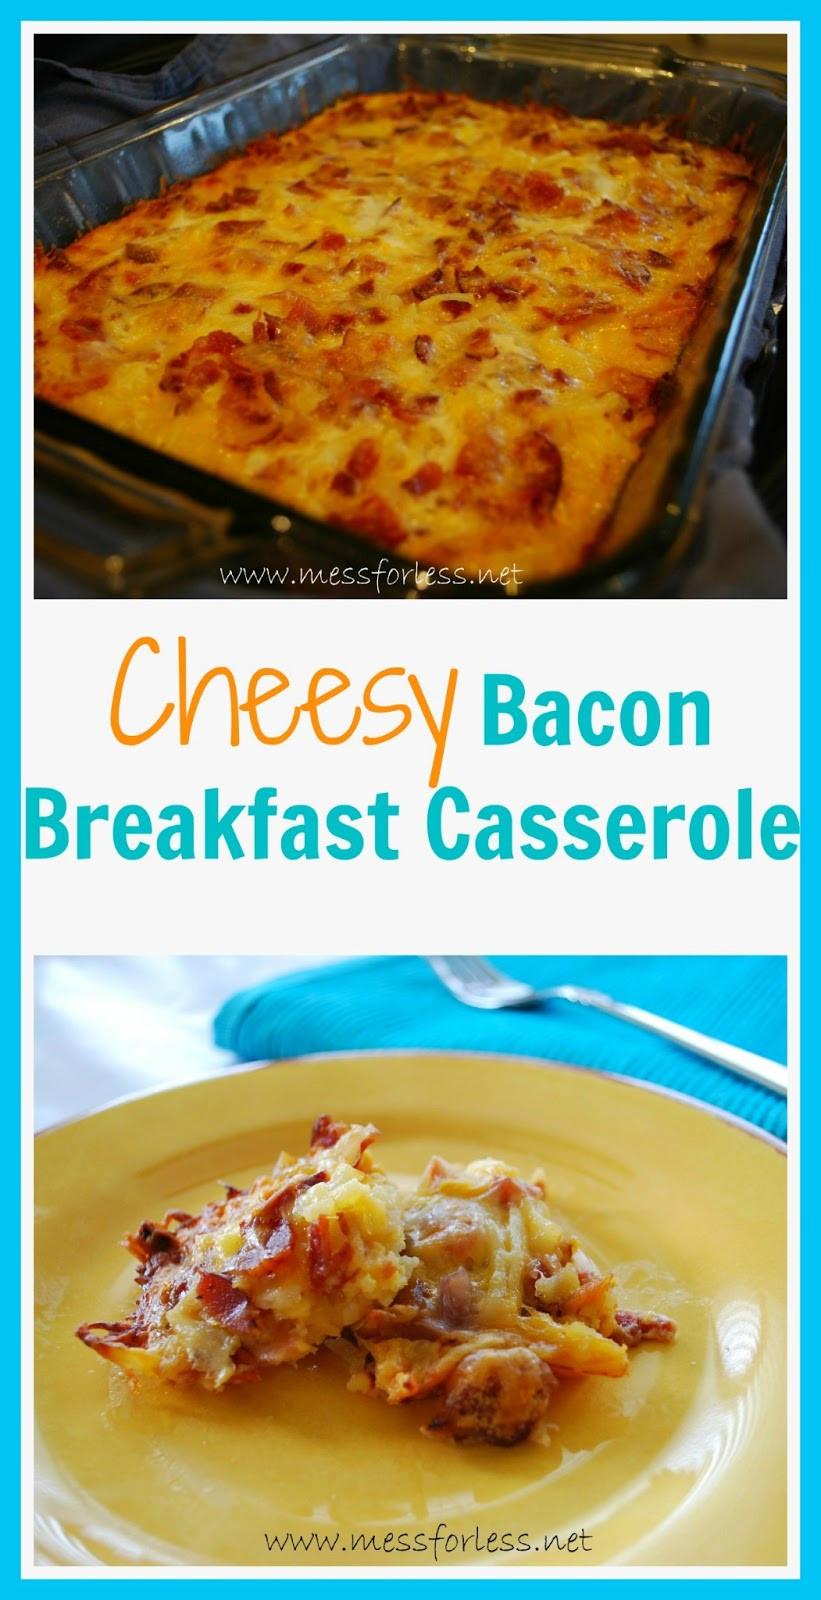 Breakfast Casserole Recipe  Breakfast Casserole Recipe Food Fun Friday Mess for Less